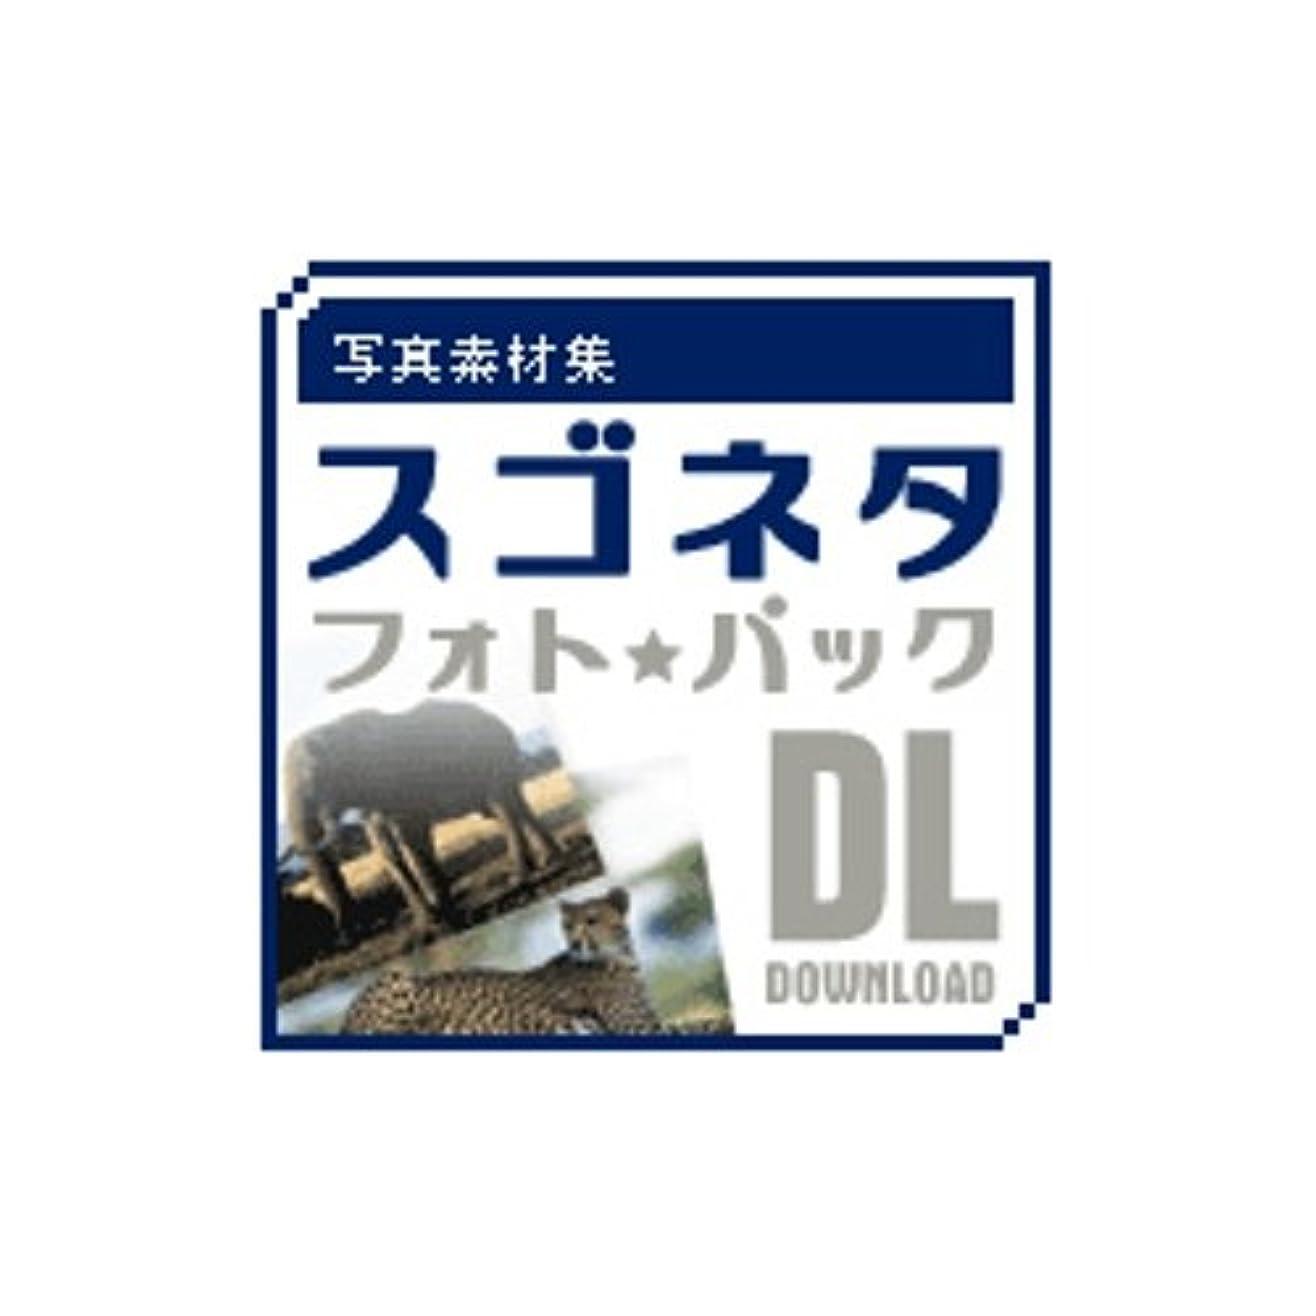 マラウイ数学的なマート写真素材集 スゴネタフォトパック ビジネスマン&ウーマン DL [ダウンロード]